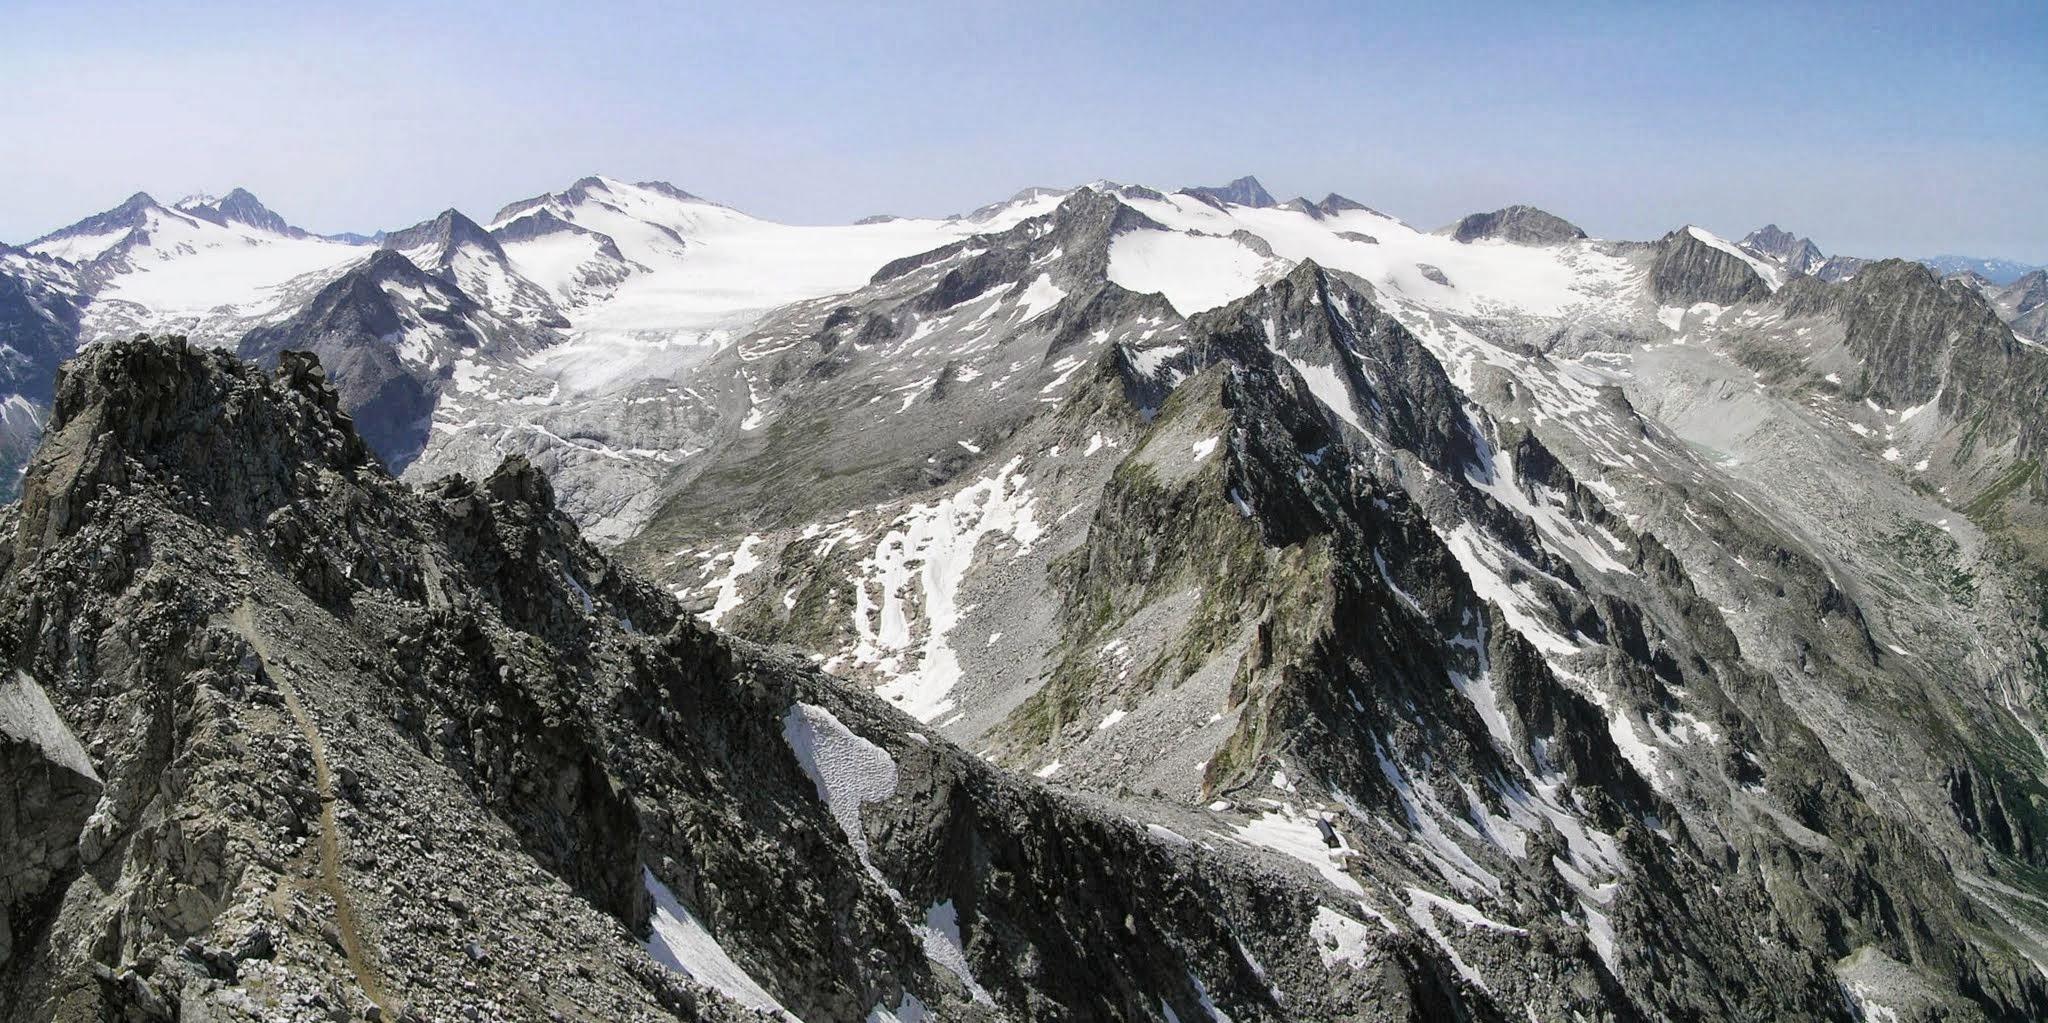 Salvaguardia dei ghiacciai e un museo dei ghiacci, domani interpellanza del M5S Lombardia